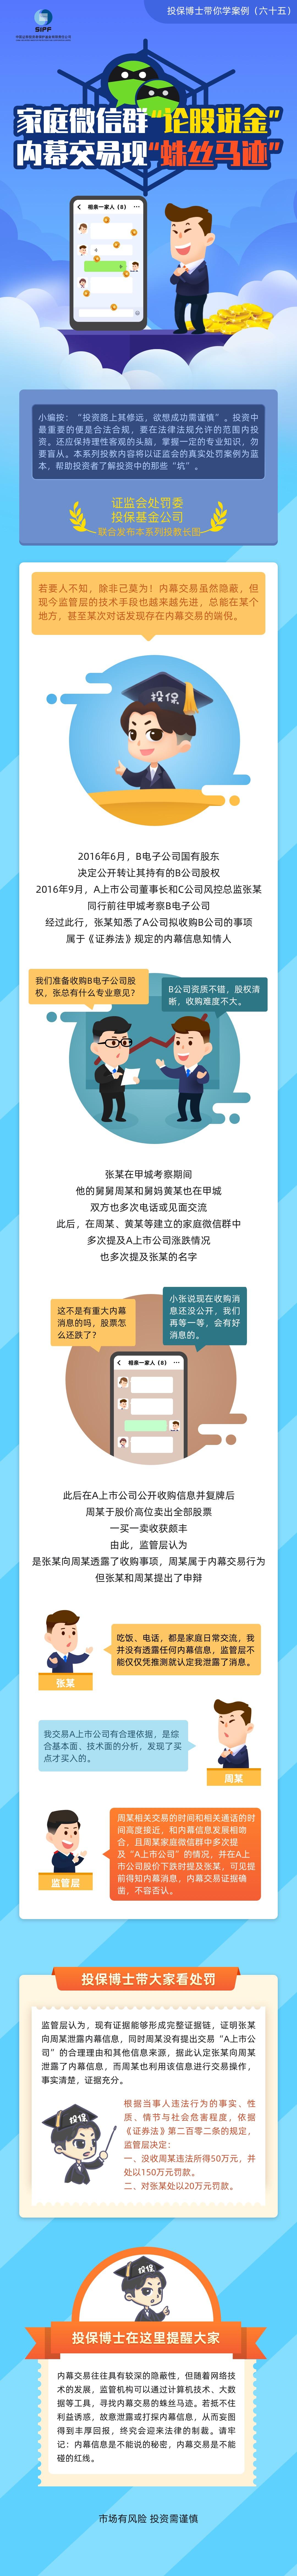 """[投保博士课堂]家庭微信群""""论股说金"""",内幕交易现""""蛛丝马迹"""""""